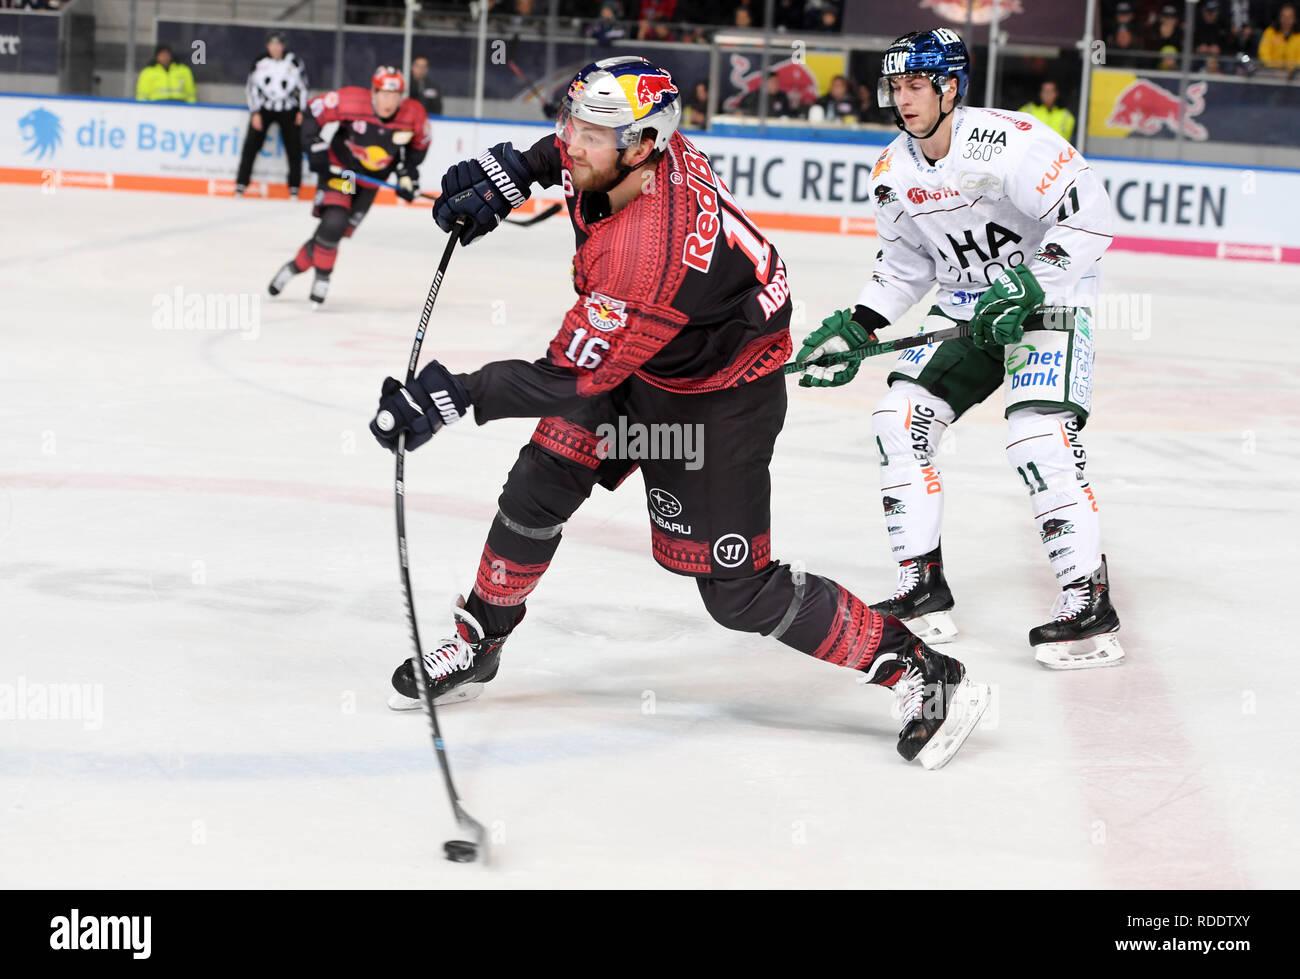 18 janvier 2019, Bavaria, Munich: hockey sur glace: DEL, Red Bull EHC Munich - Augsburger Panther, tour principal, 40e journée à la glace olympique Sport Center à Munich. Konrad Abeltshauser (l) de Munich et d'Augsbourg Payerl Adam lutte pour la rondelle. Photo: Tobias Hase/dpa Photo Stock